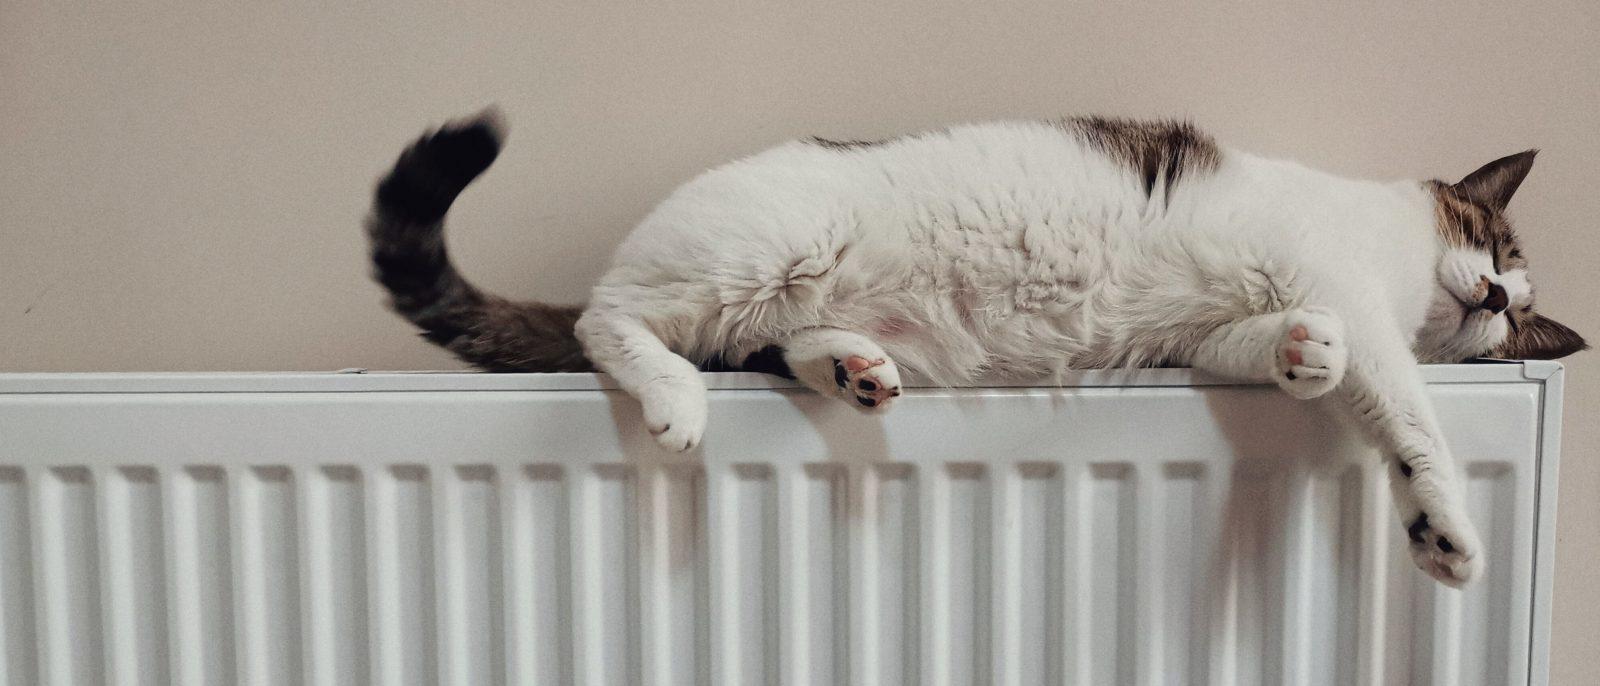 Comment mieux maîtriser le chauffage de son logement pour limiter les dépenses énergétiques